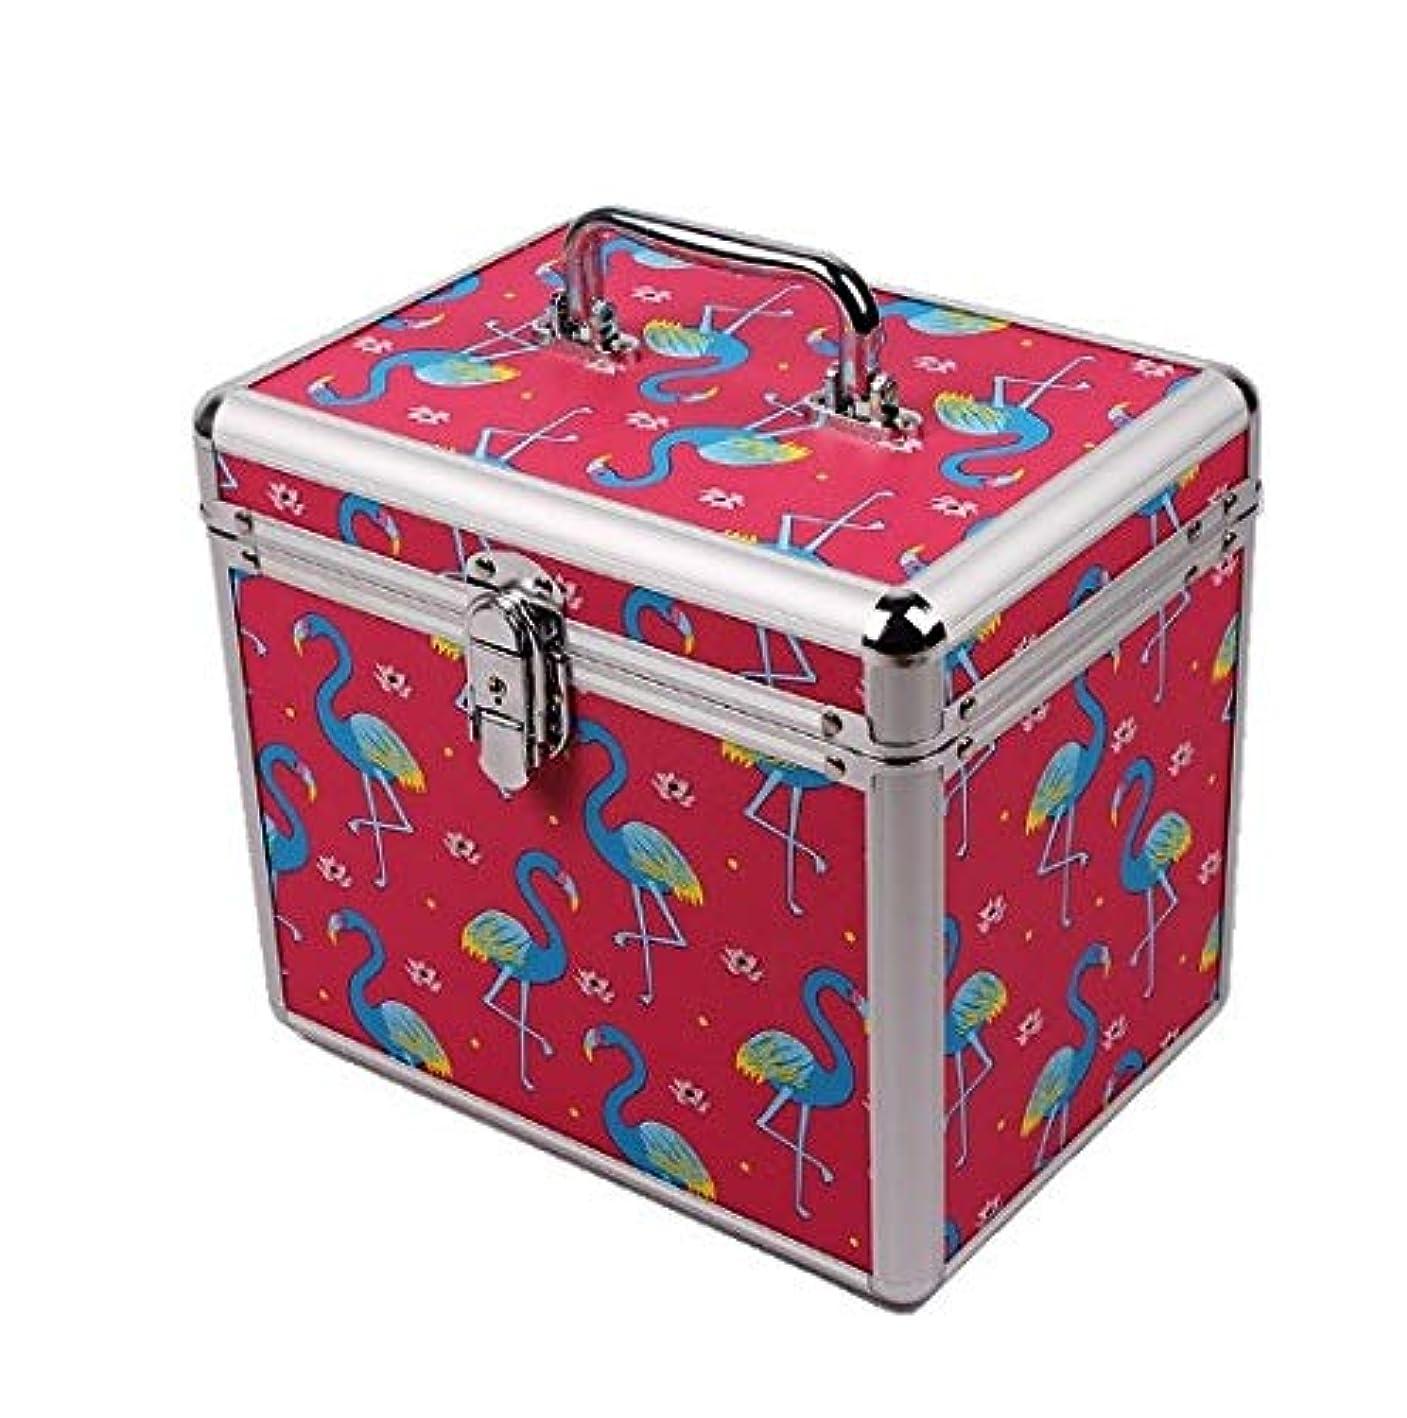 リーガン価値のないリゾート化粧品ケース、ポータブル二重層ロックフットバス技術者ポータブルツールボックス、ポータブル旅行化粧品ケース、美容ネイルジュエリー収納ボックス (Design : 1#)